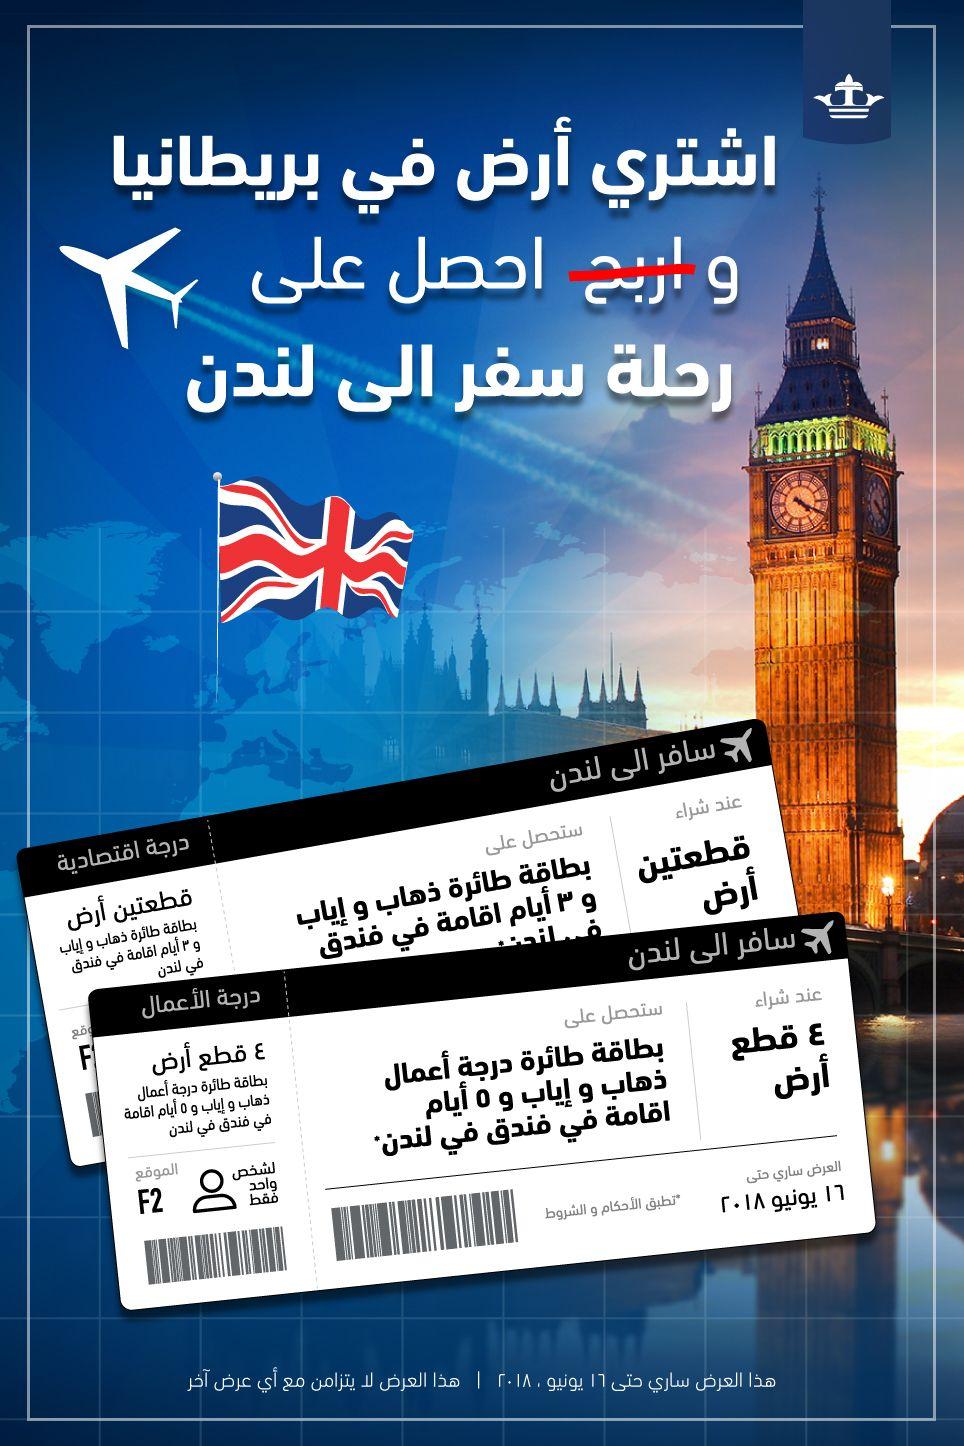 العرض الرائع و المميز لشهر رمضان اشتري أرض في المملكة المتحدة و احصل على رحلة سفر الى لندن للمزيد من المعلومات Broadway Shows Pandora Screenshot Investing